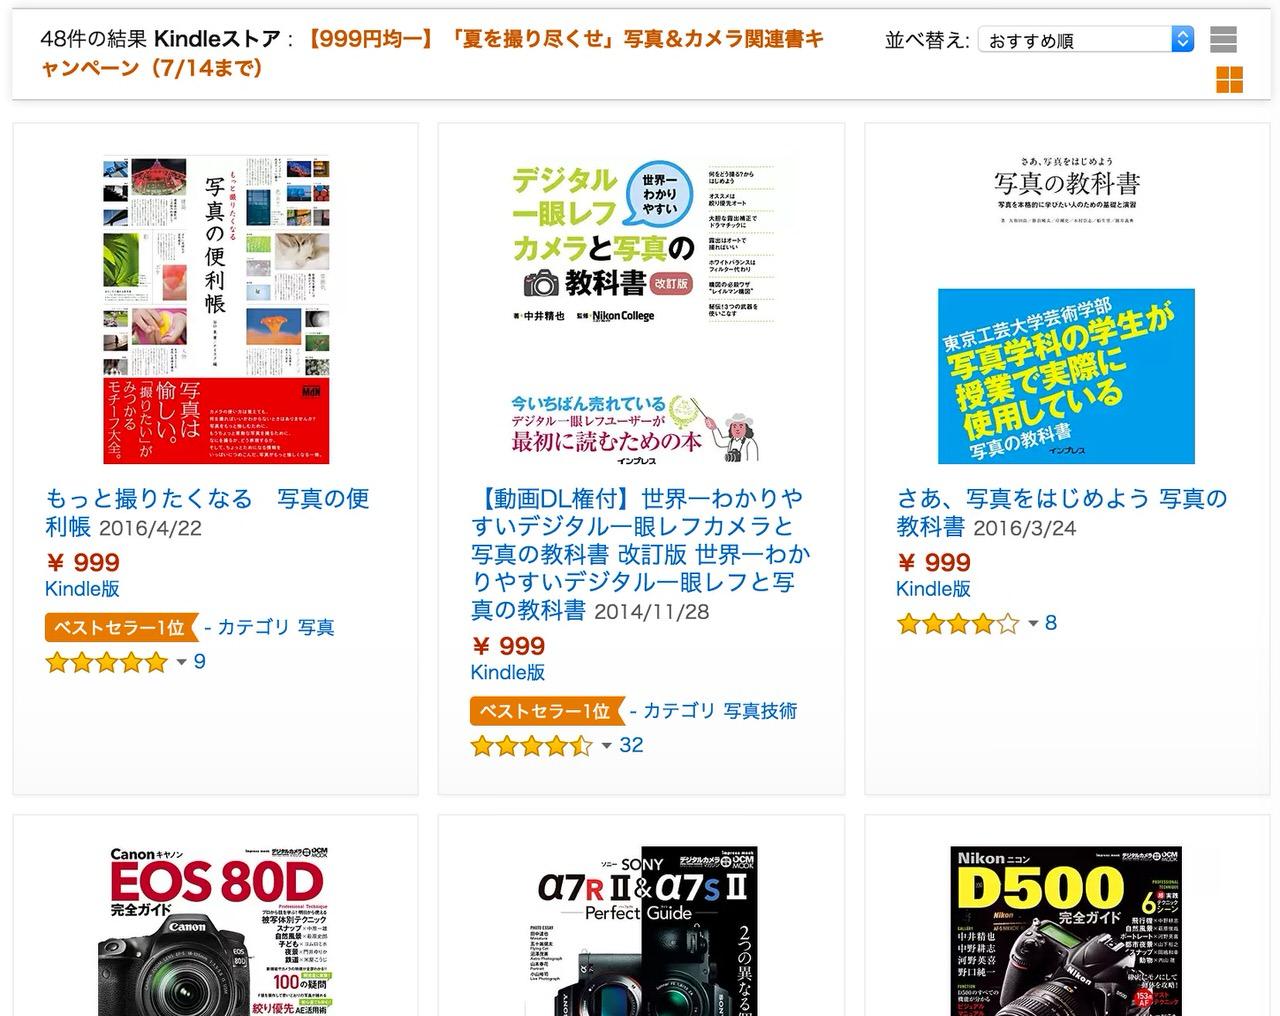 【Kindle】Amazon、写真専門書が999円均一になる「夏を撮り尽くせ」写真&カメラ関連書キャンペーンを実施中